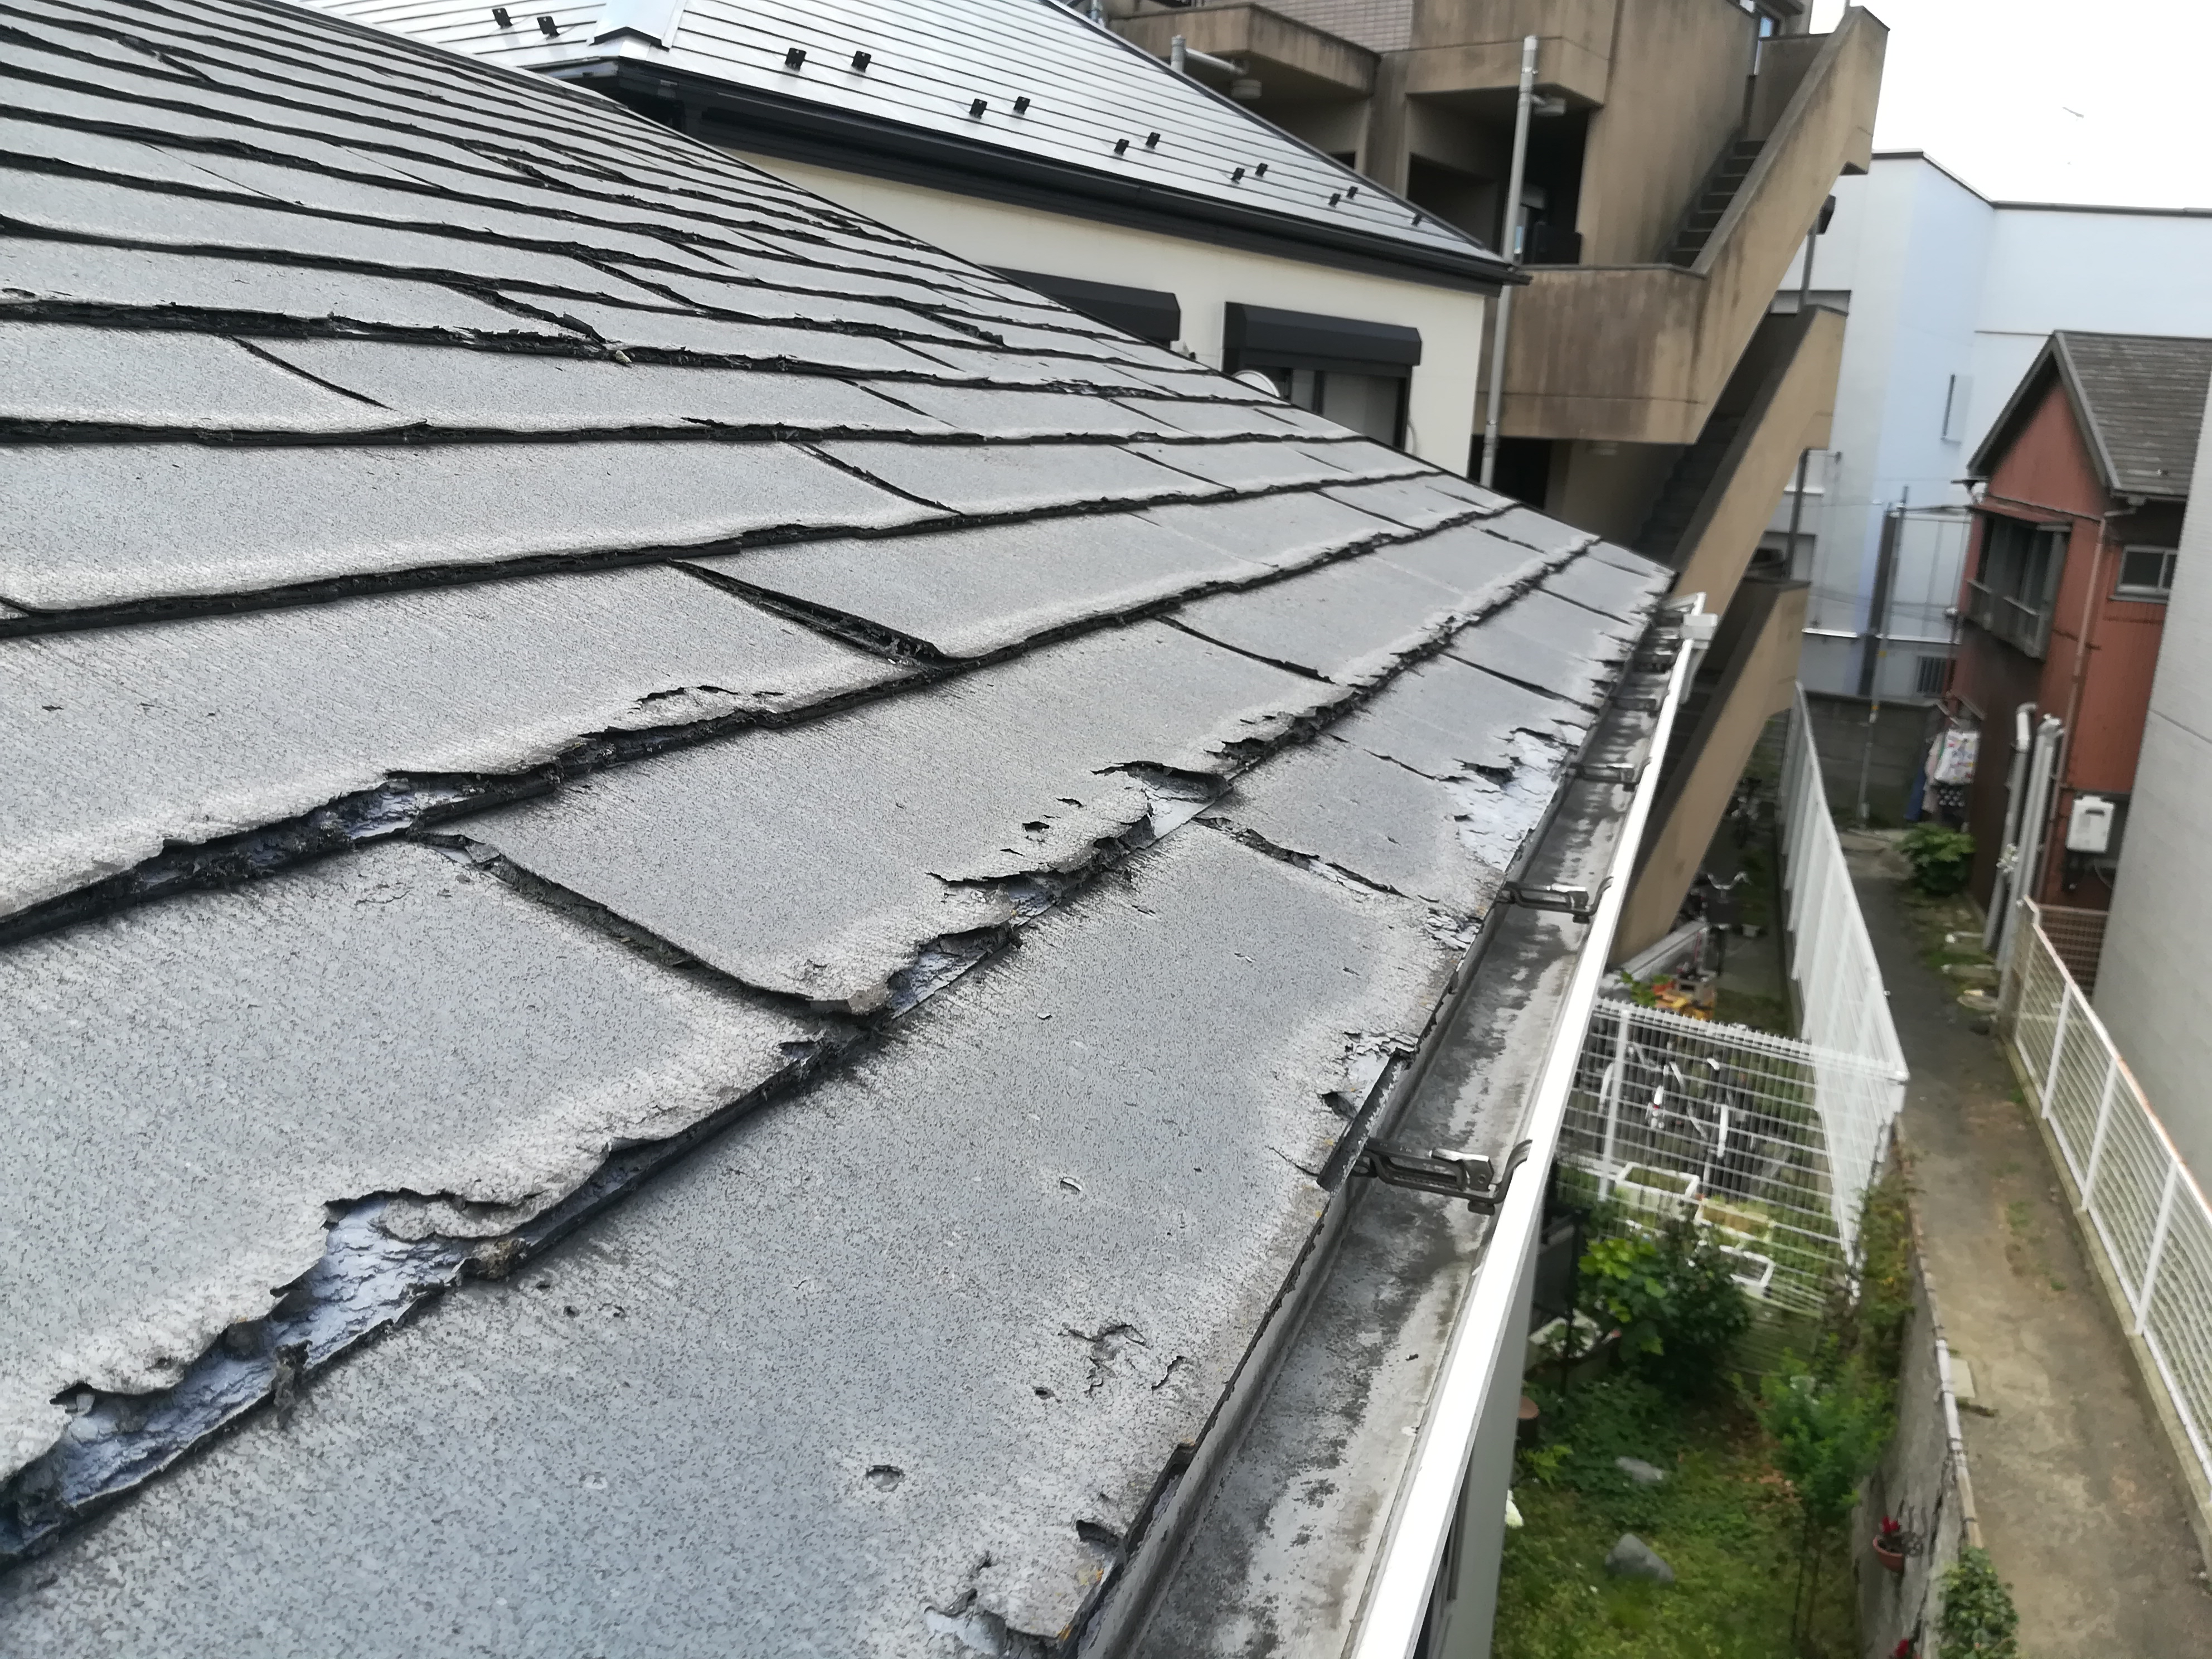 横浜市港北区にてニチハ・パミールの屋根材にガルバリウム鋼板でカバー工法